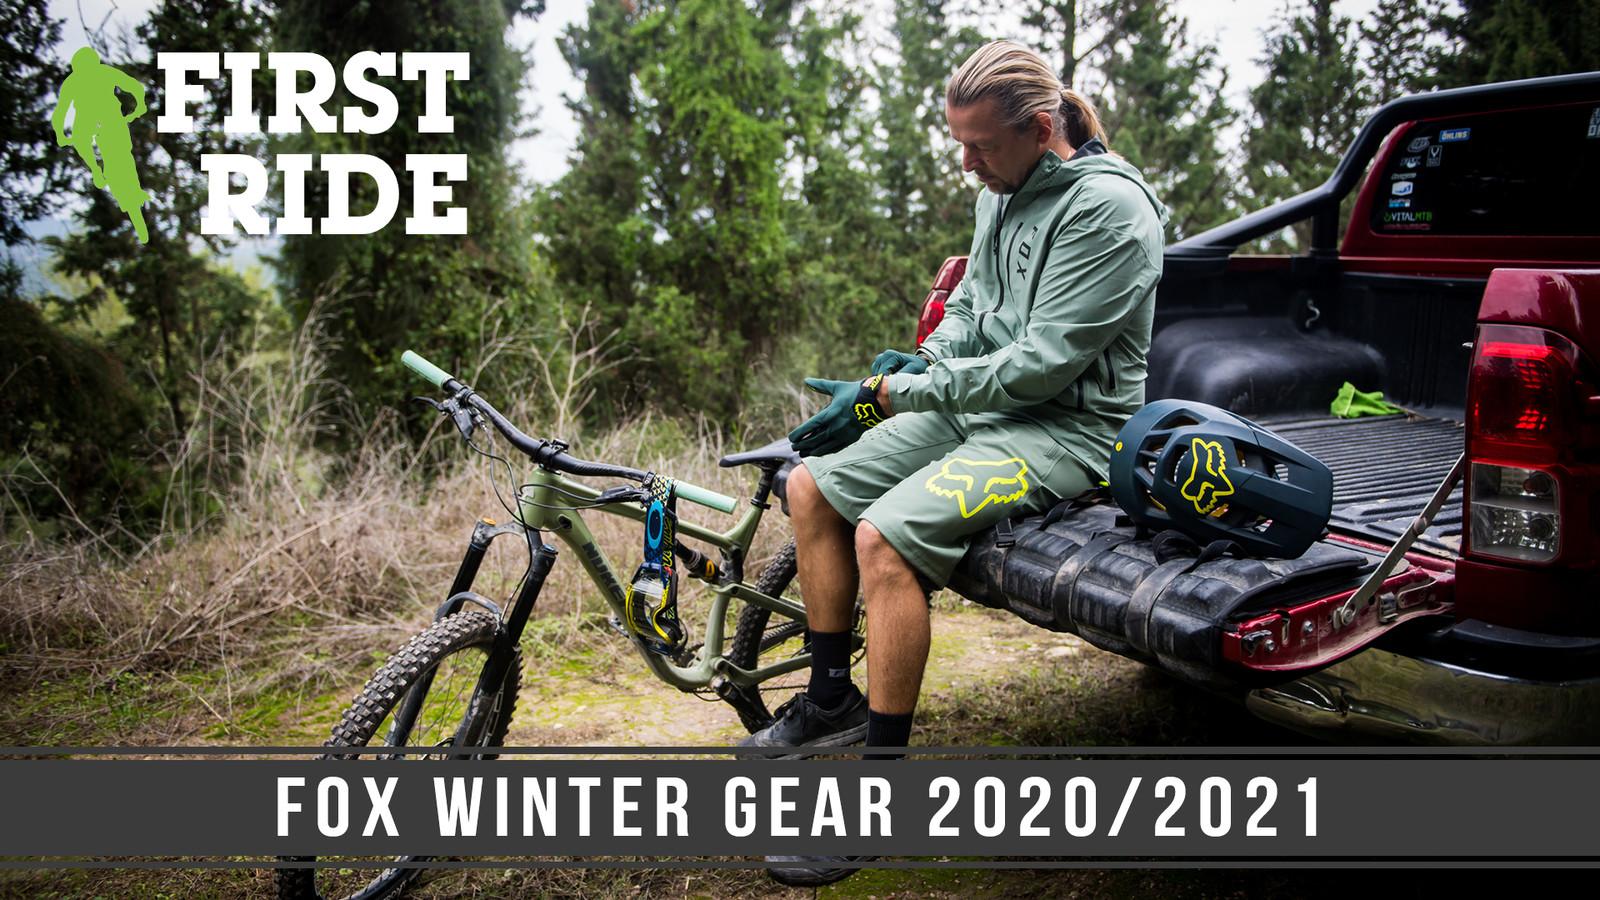 First Ride: Fox Winter Gear 2020/2021